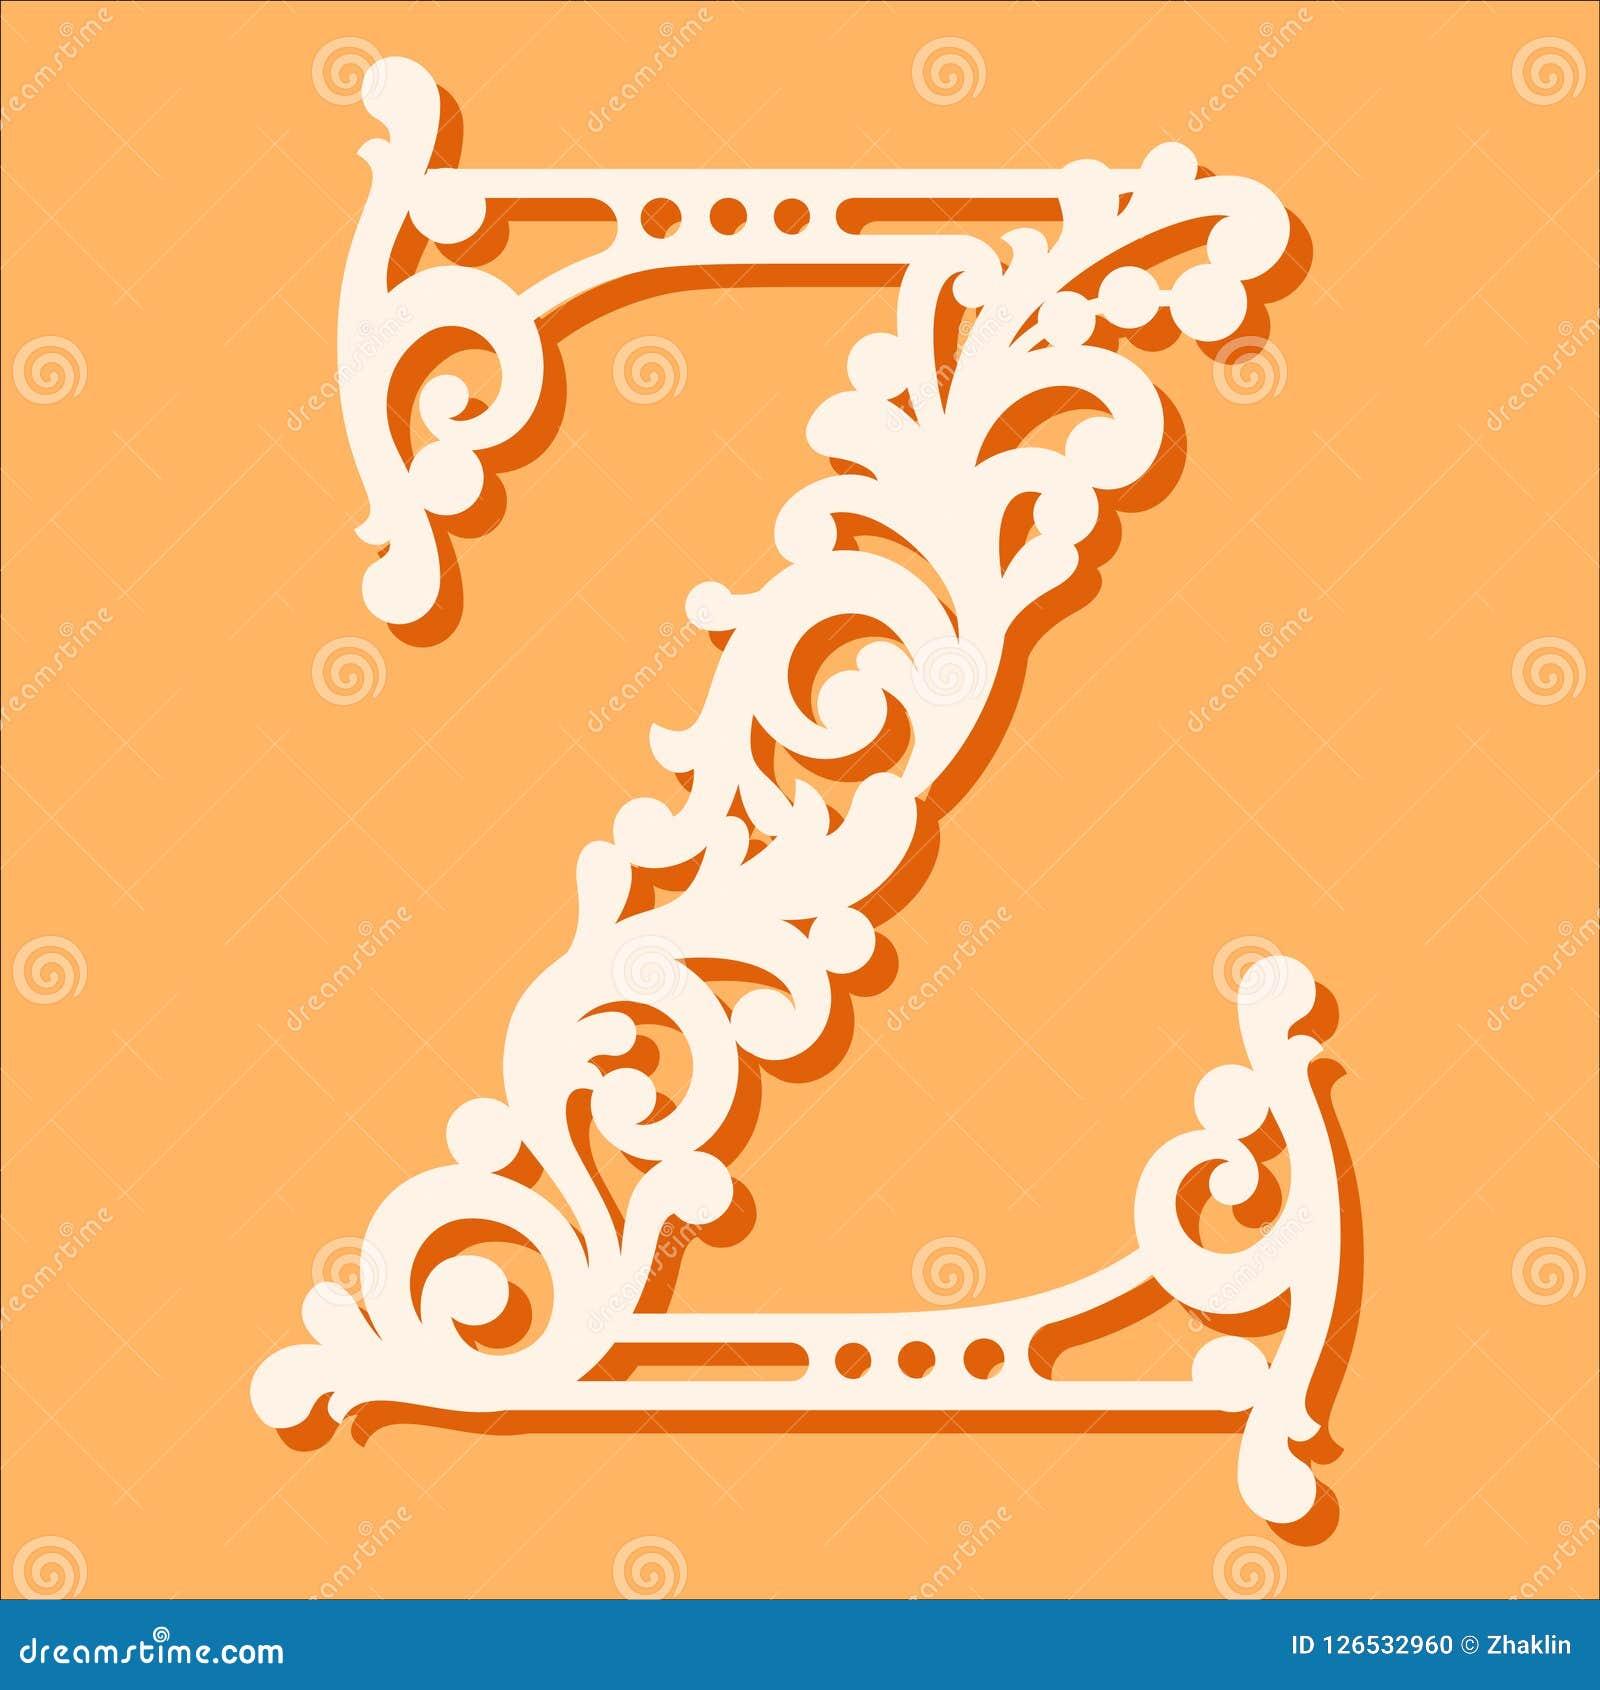 Laser cut template. Initial monogram letters. Fancy floral alphabet letter.